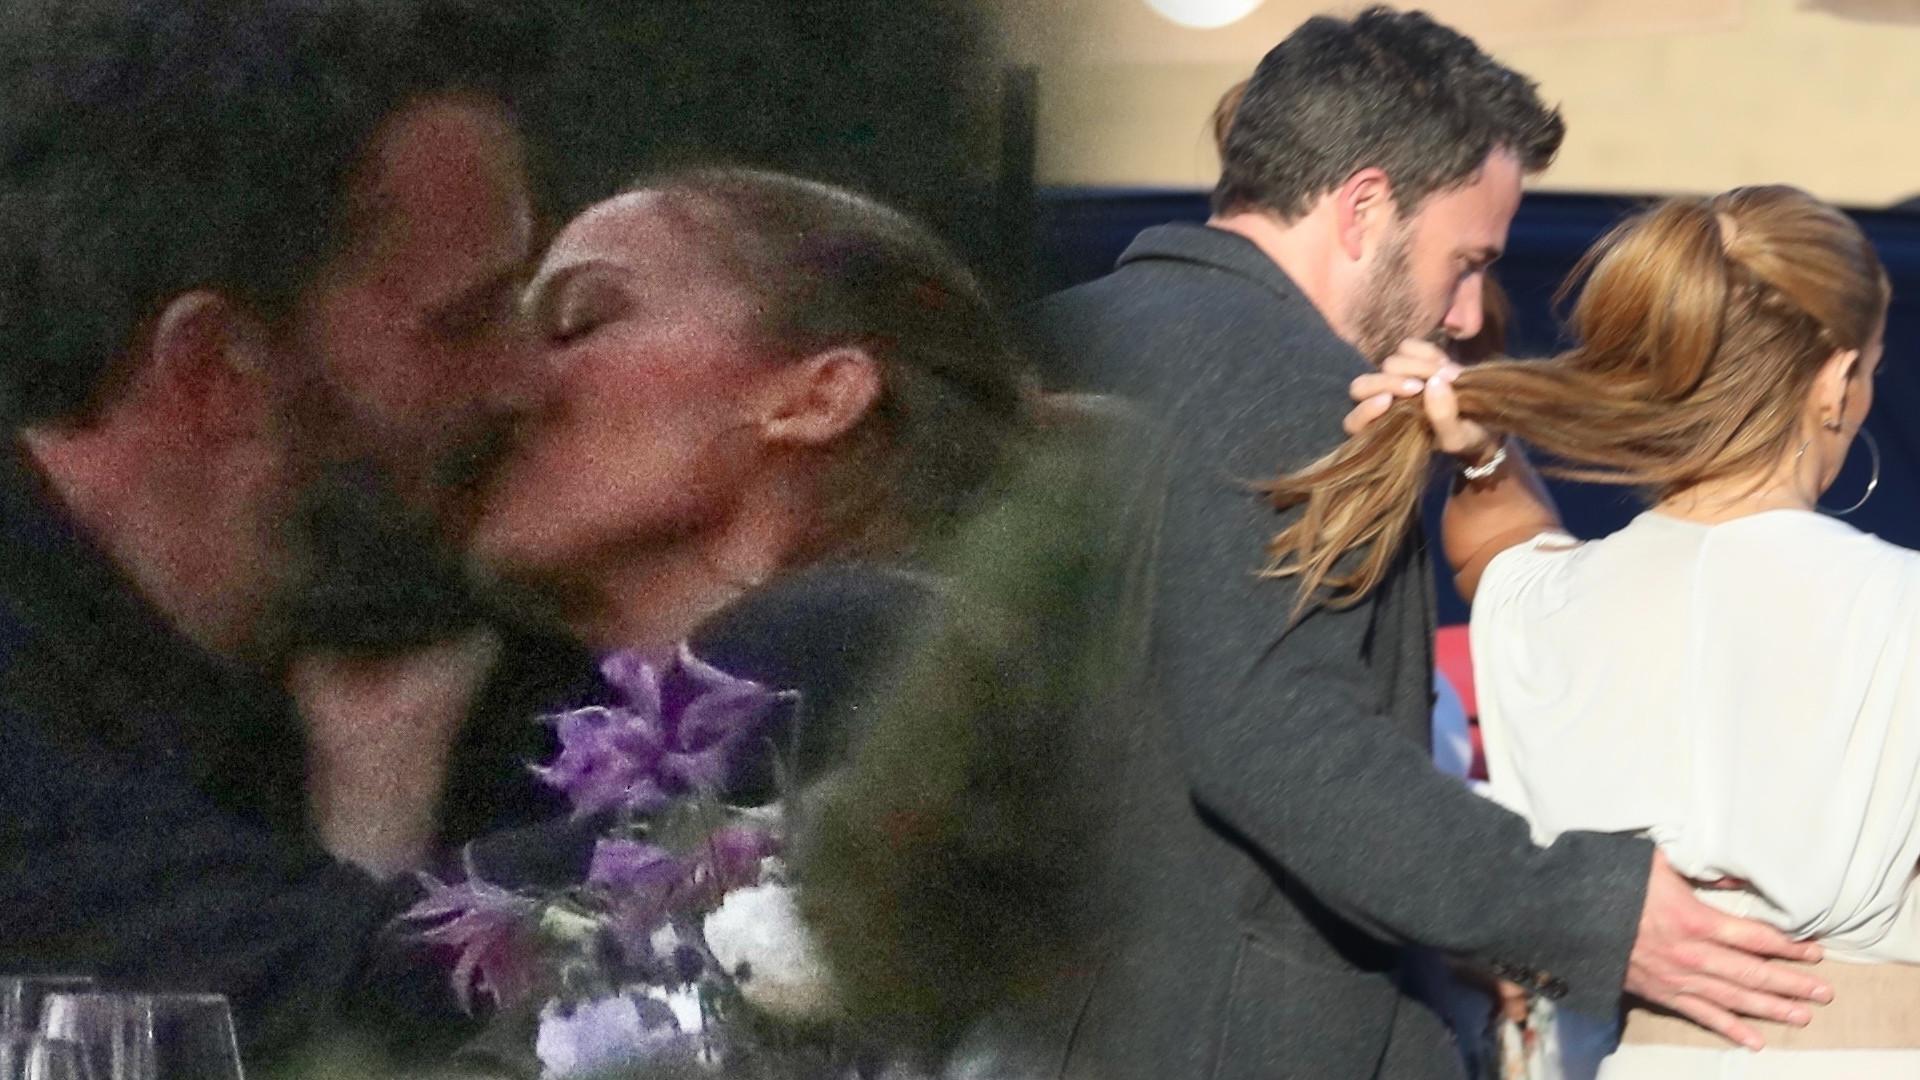 Tak gorących zdjęć Jen i Bena jeszcze nie było. Po romantycznej randce, wybrali się na rodzinną imprezę (ZDJĘCIA)